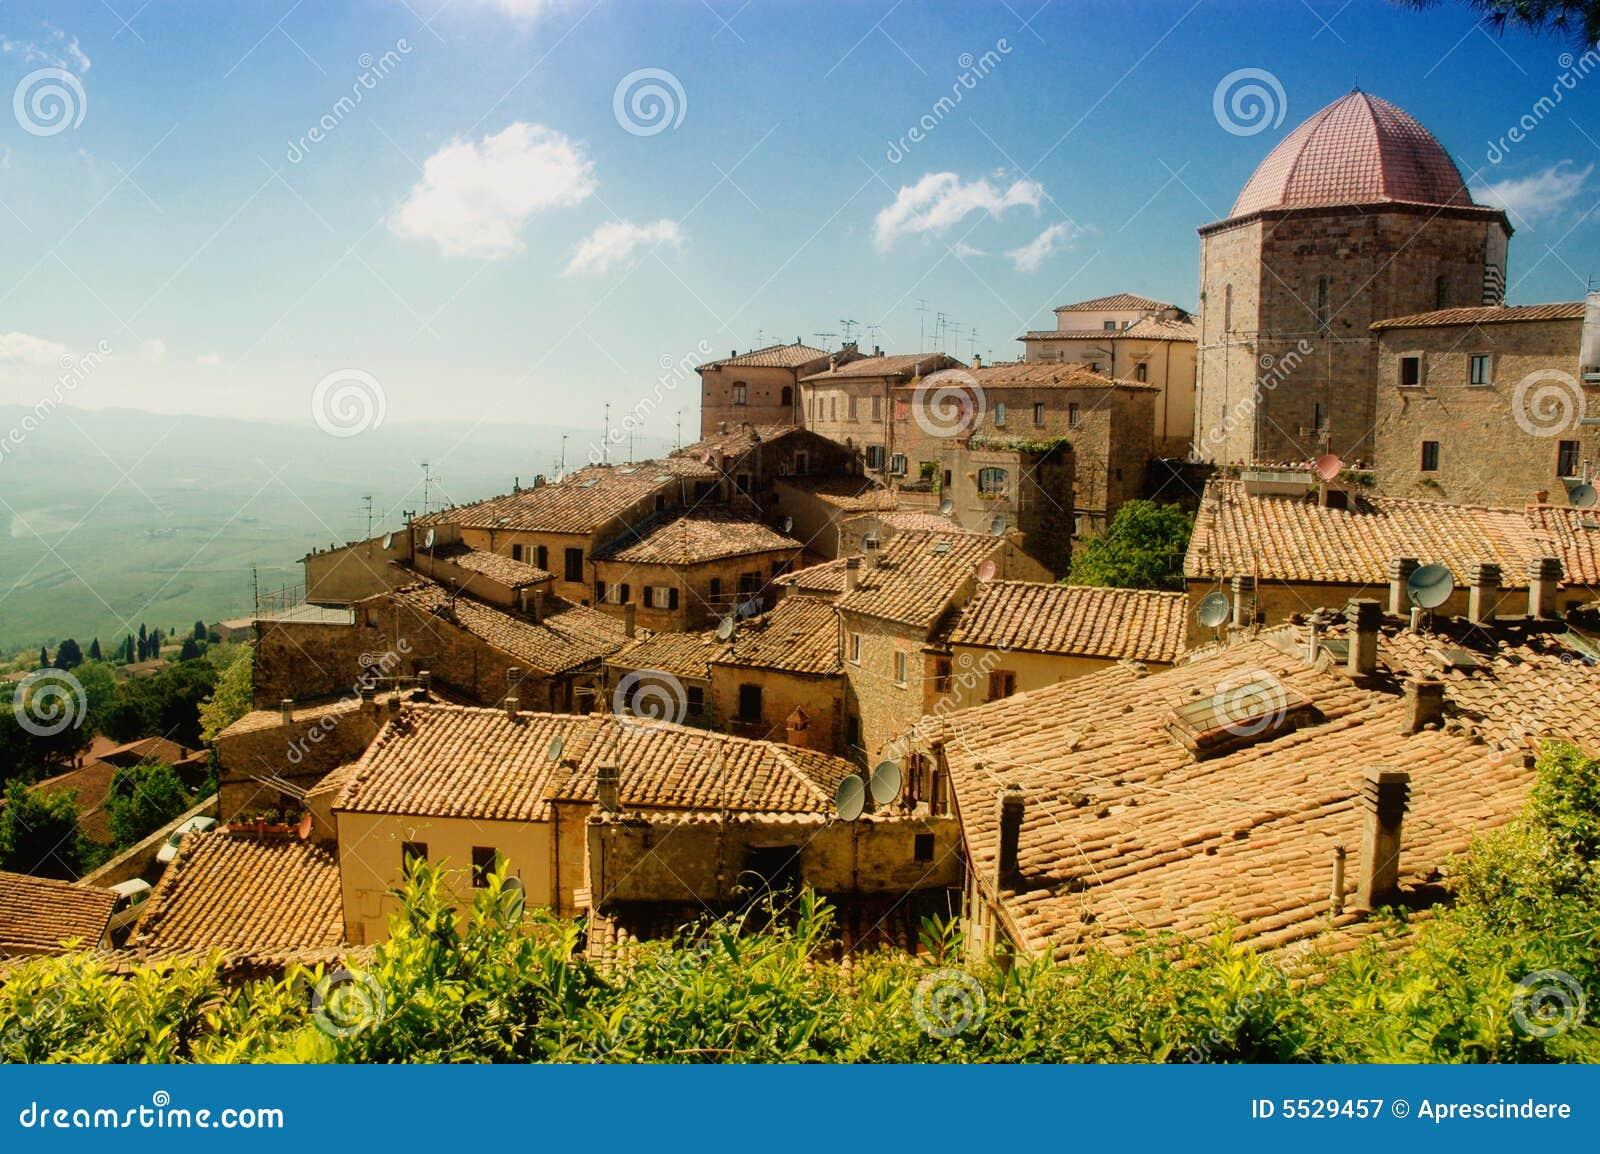 Villaggio della Toscana